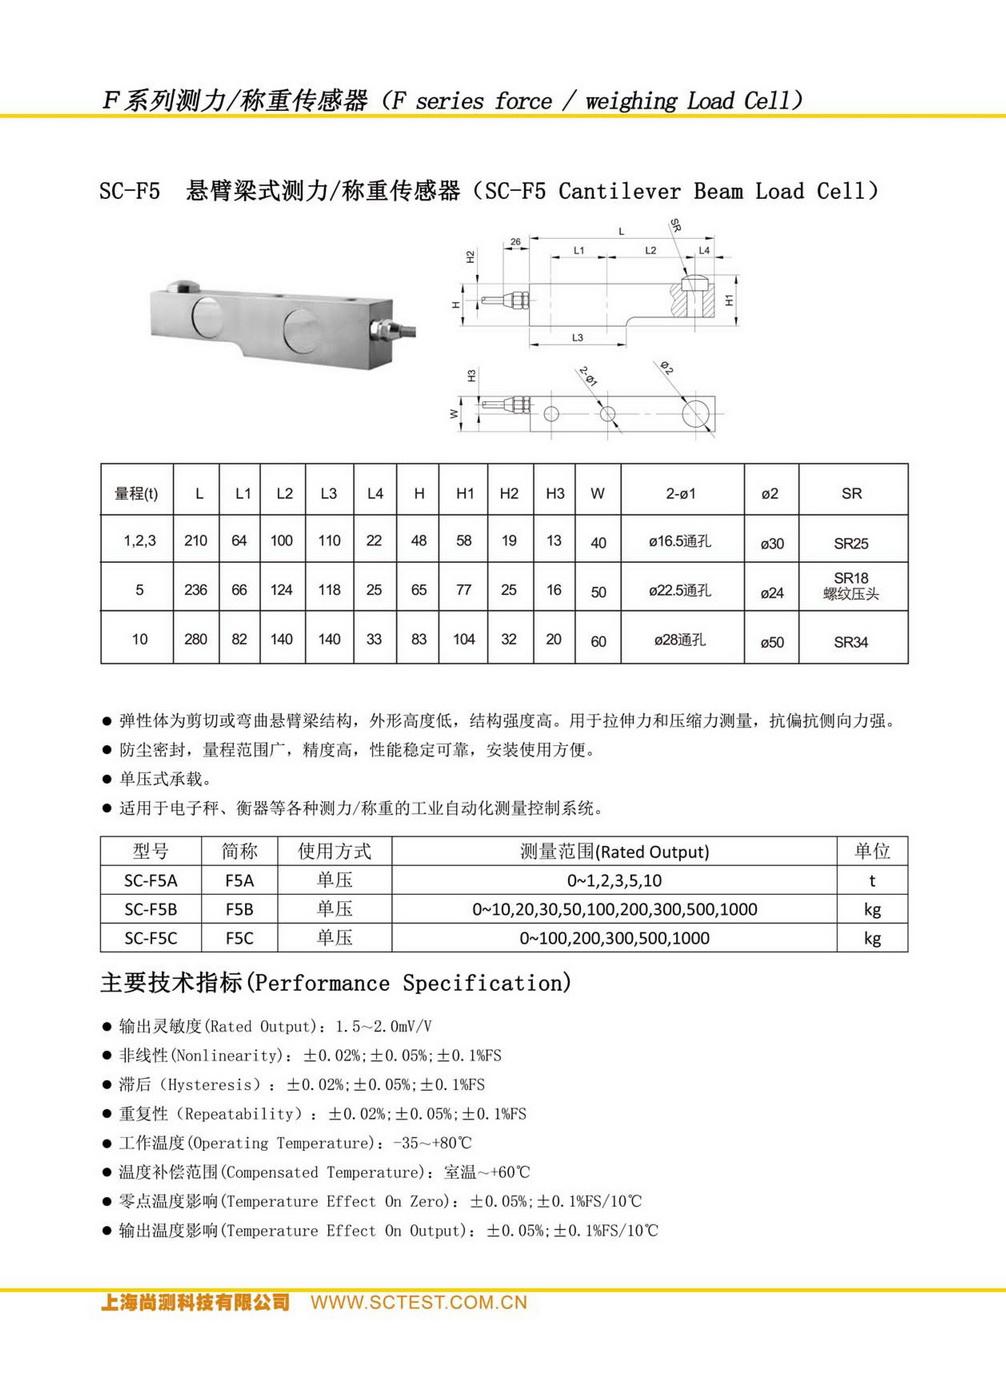 尚测科技产品选型手册 V1.3_页面_09_调整大小.jpg